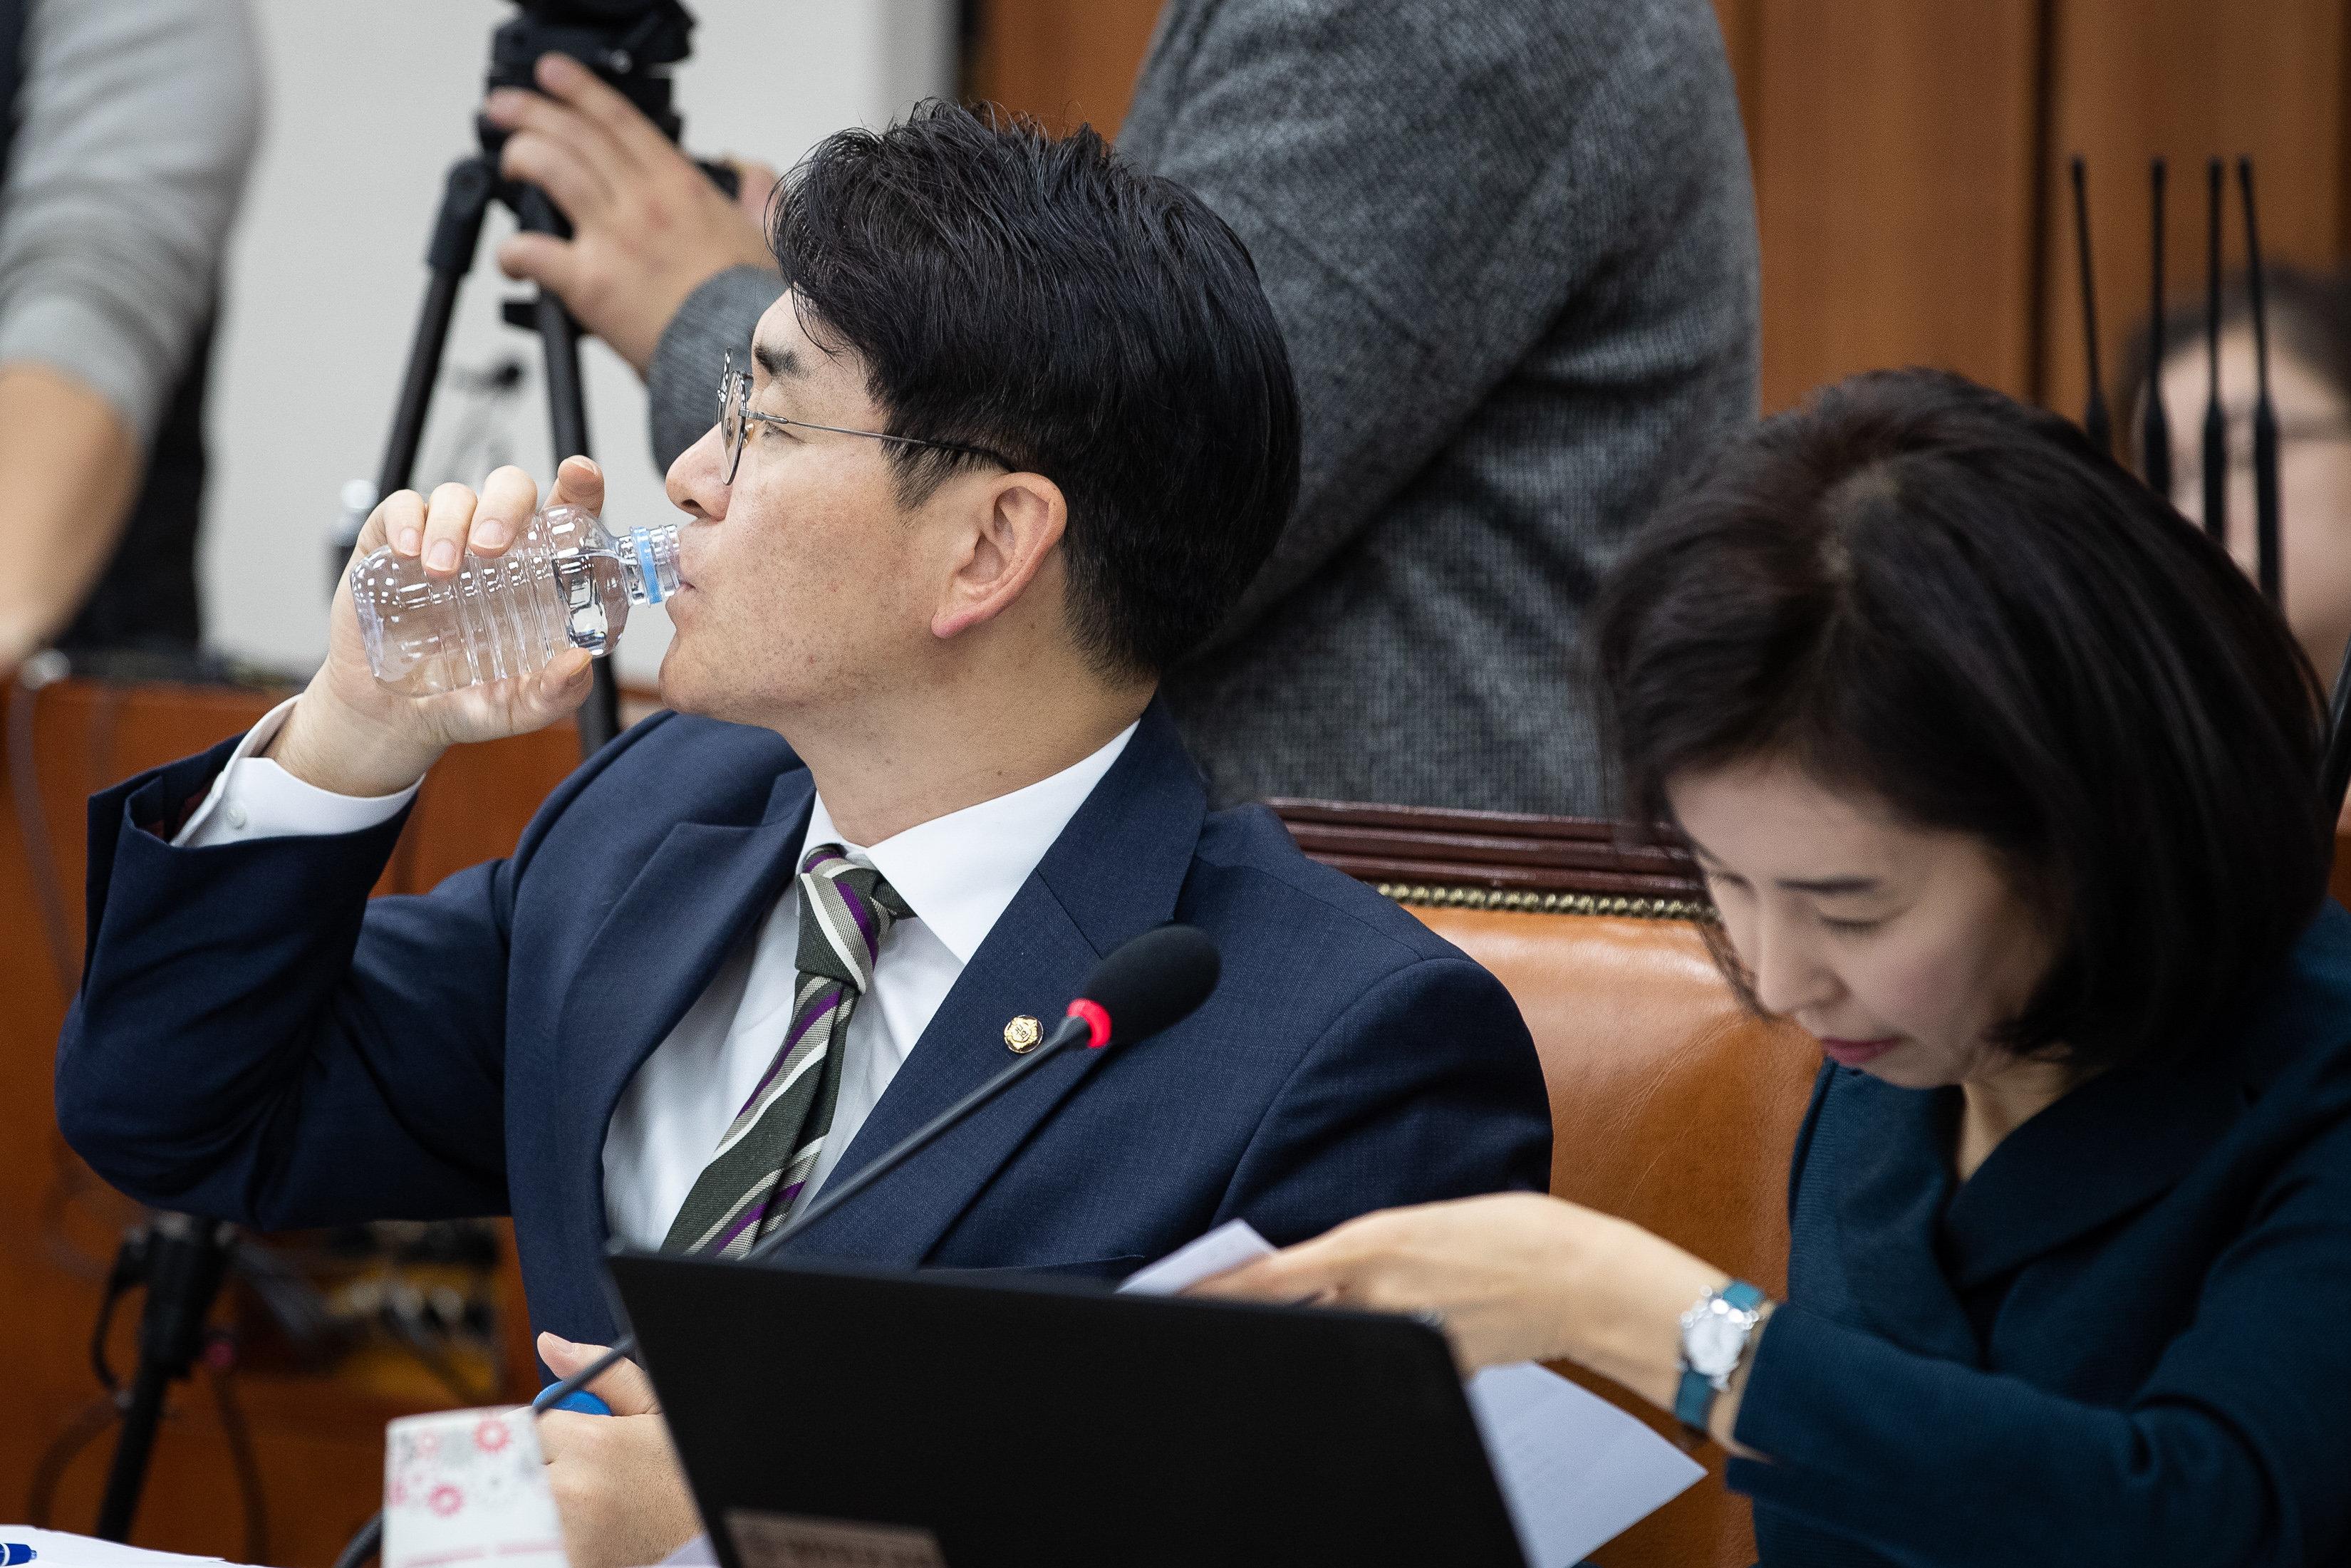 '유치원 3법'을 발의한 박용진 더불어민주당 박용진 의원이 6일 서울 여의도 국회에서 열린 교육위 법안심사소위 회의에서 물을 마시고 있다.